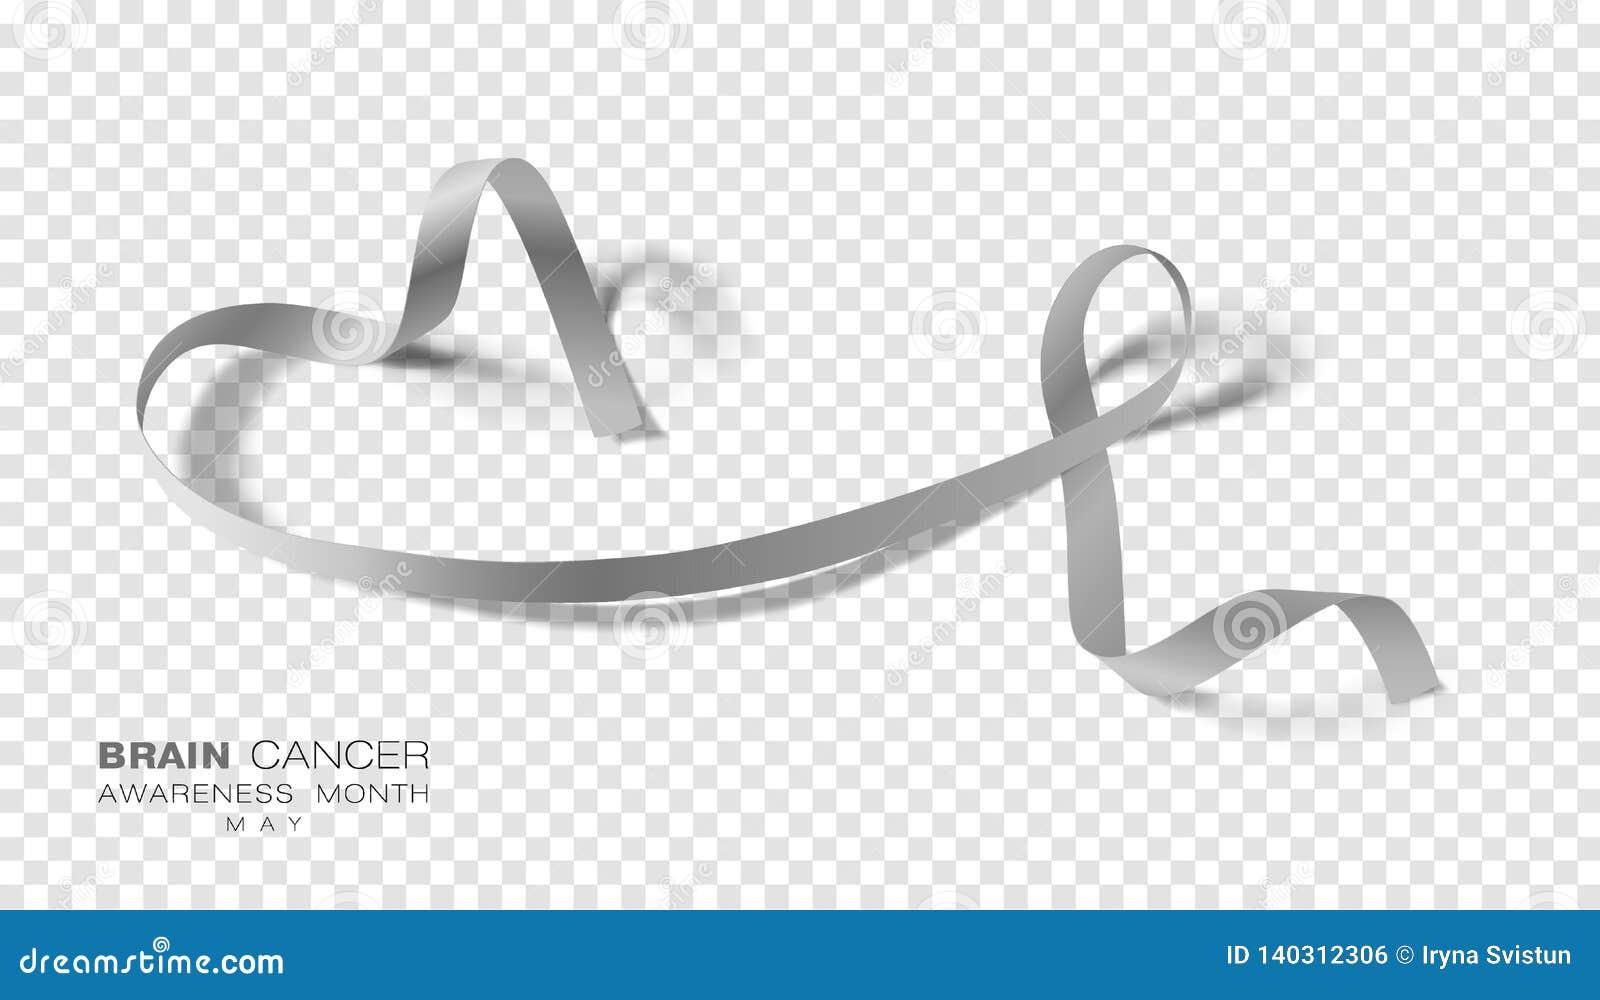 Brain Cancer Awareness Month Grey Color Ribbon Isolated On genomskinlig bakgrund Vektordesignmall för affisch